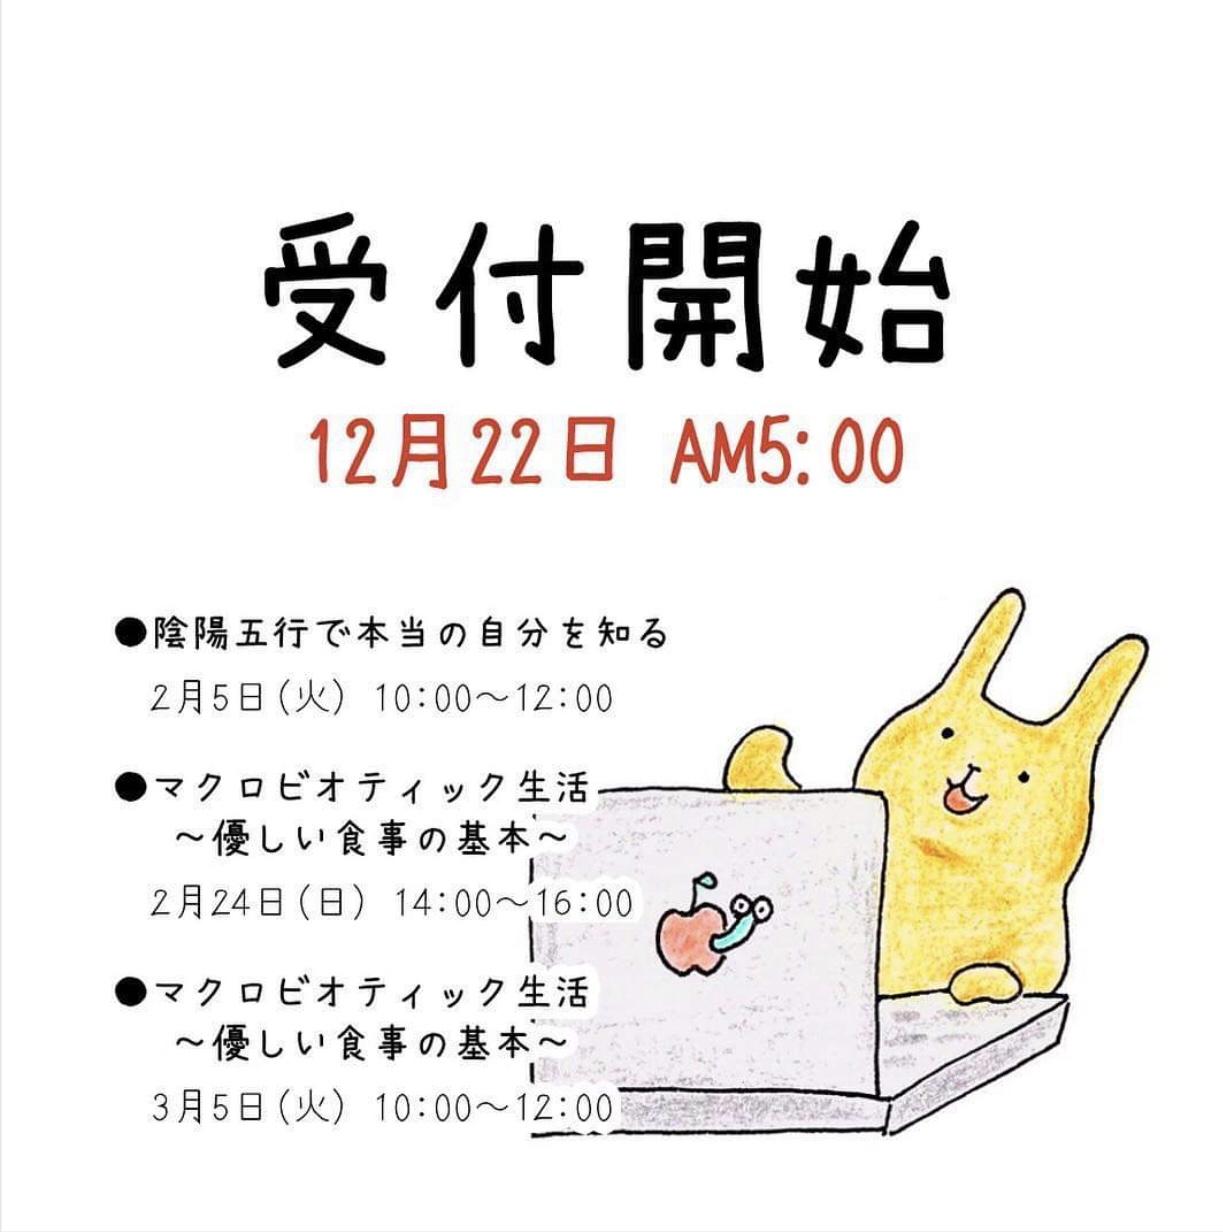 【イベント告知】陰陽五行・マクロ生活